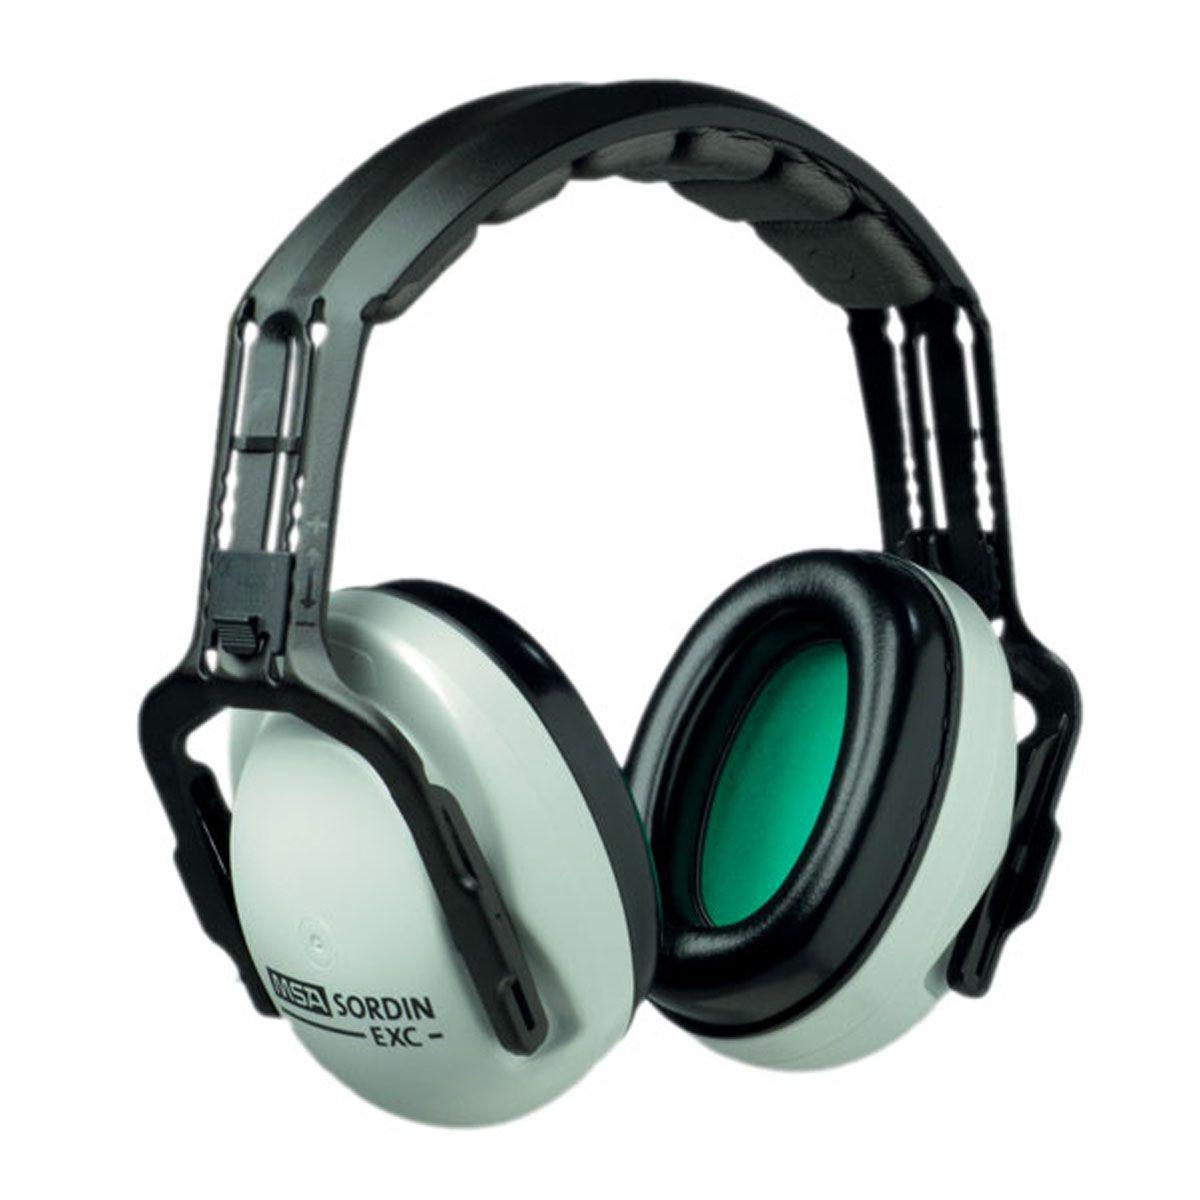 Наушники для стрельбы MSA Sordin EXC, пассивные, с креплением к каскеSOR200100 МЕЕЭти наушники настолько удобны, что Вы не захотите с ними расставаться! Уникальные литые вкладыши обеспечивают исключительное шумоподавление и максимальный комфорт. EXC пригодны для всех областей применения, требующих защиты органов слуха. EN 352-1, EN 352-3 С держателем: акустическая эффективность 27 дБ, В = 31, С = 24, Н = 16